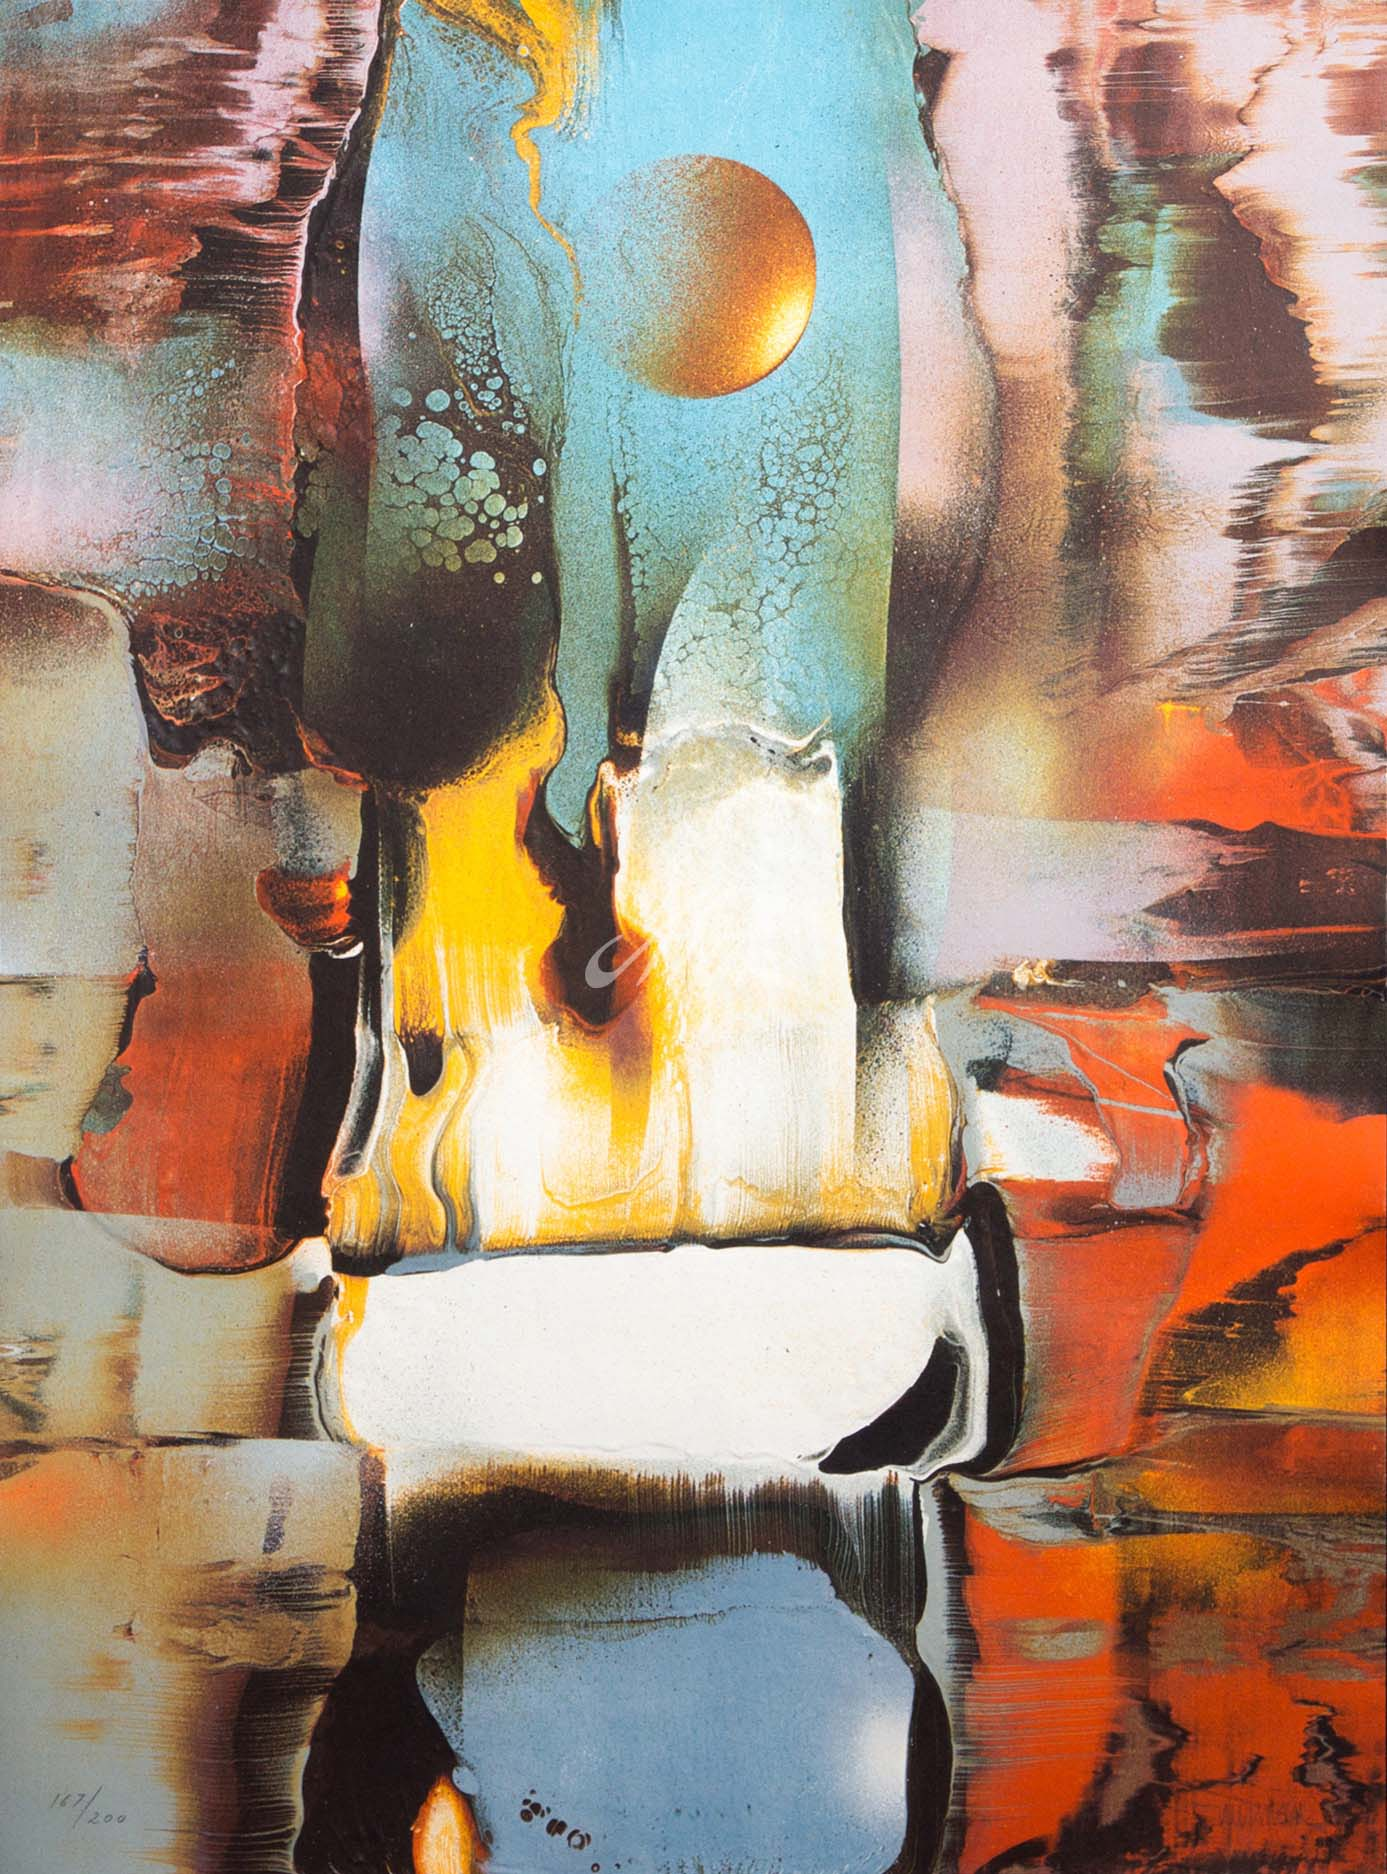 Leonardo_Nierman_abstract2 LoRes watermark.jpg